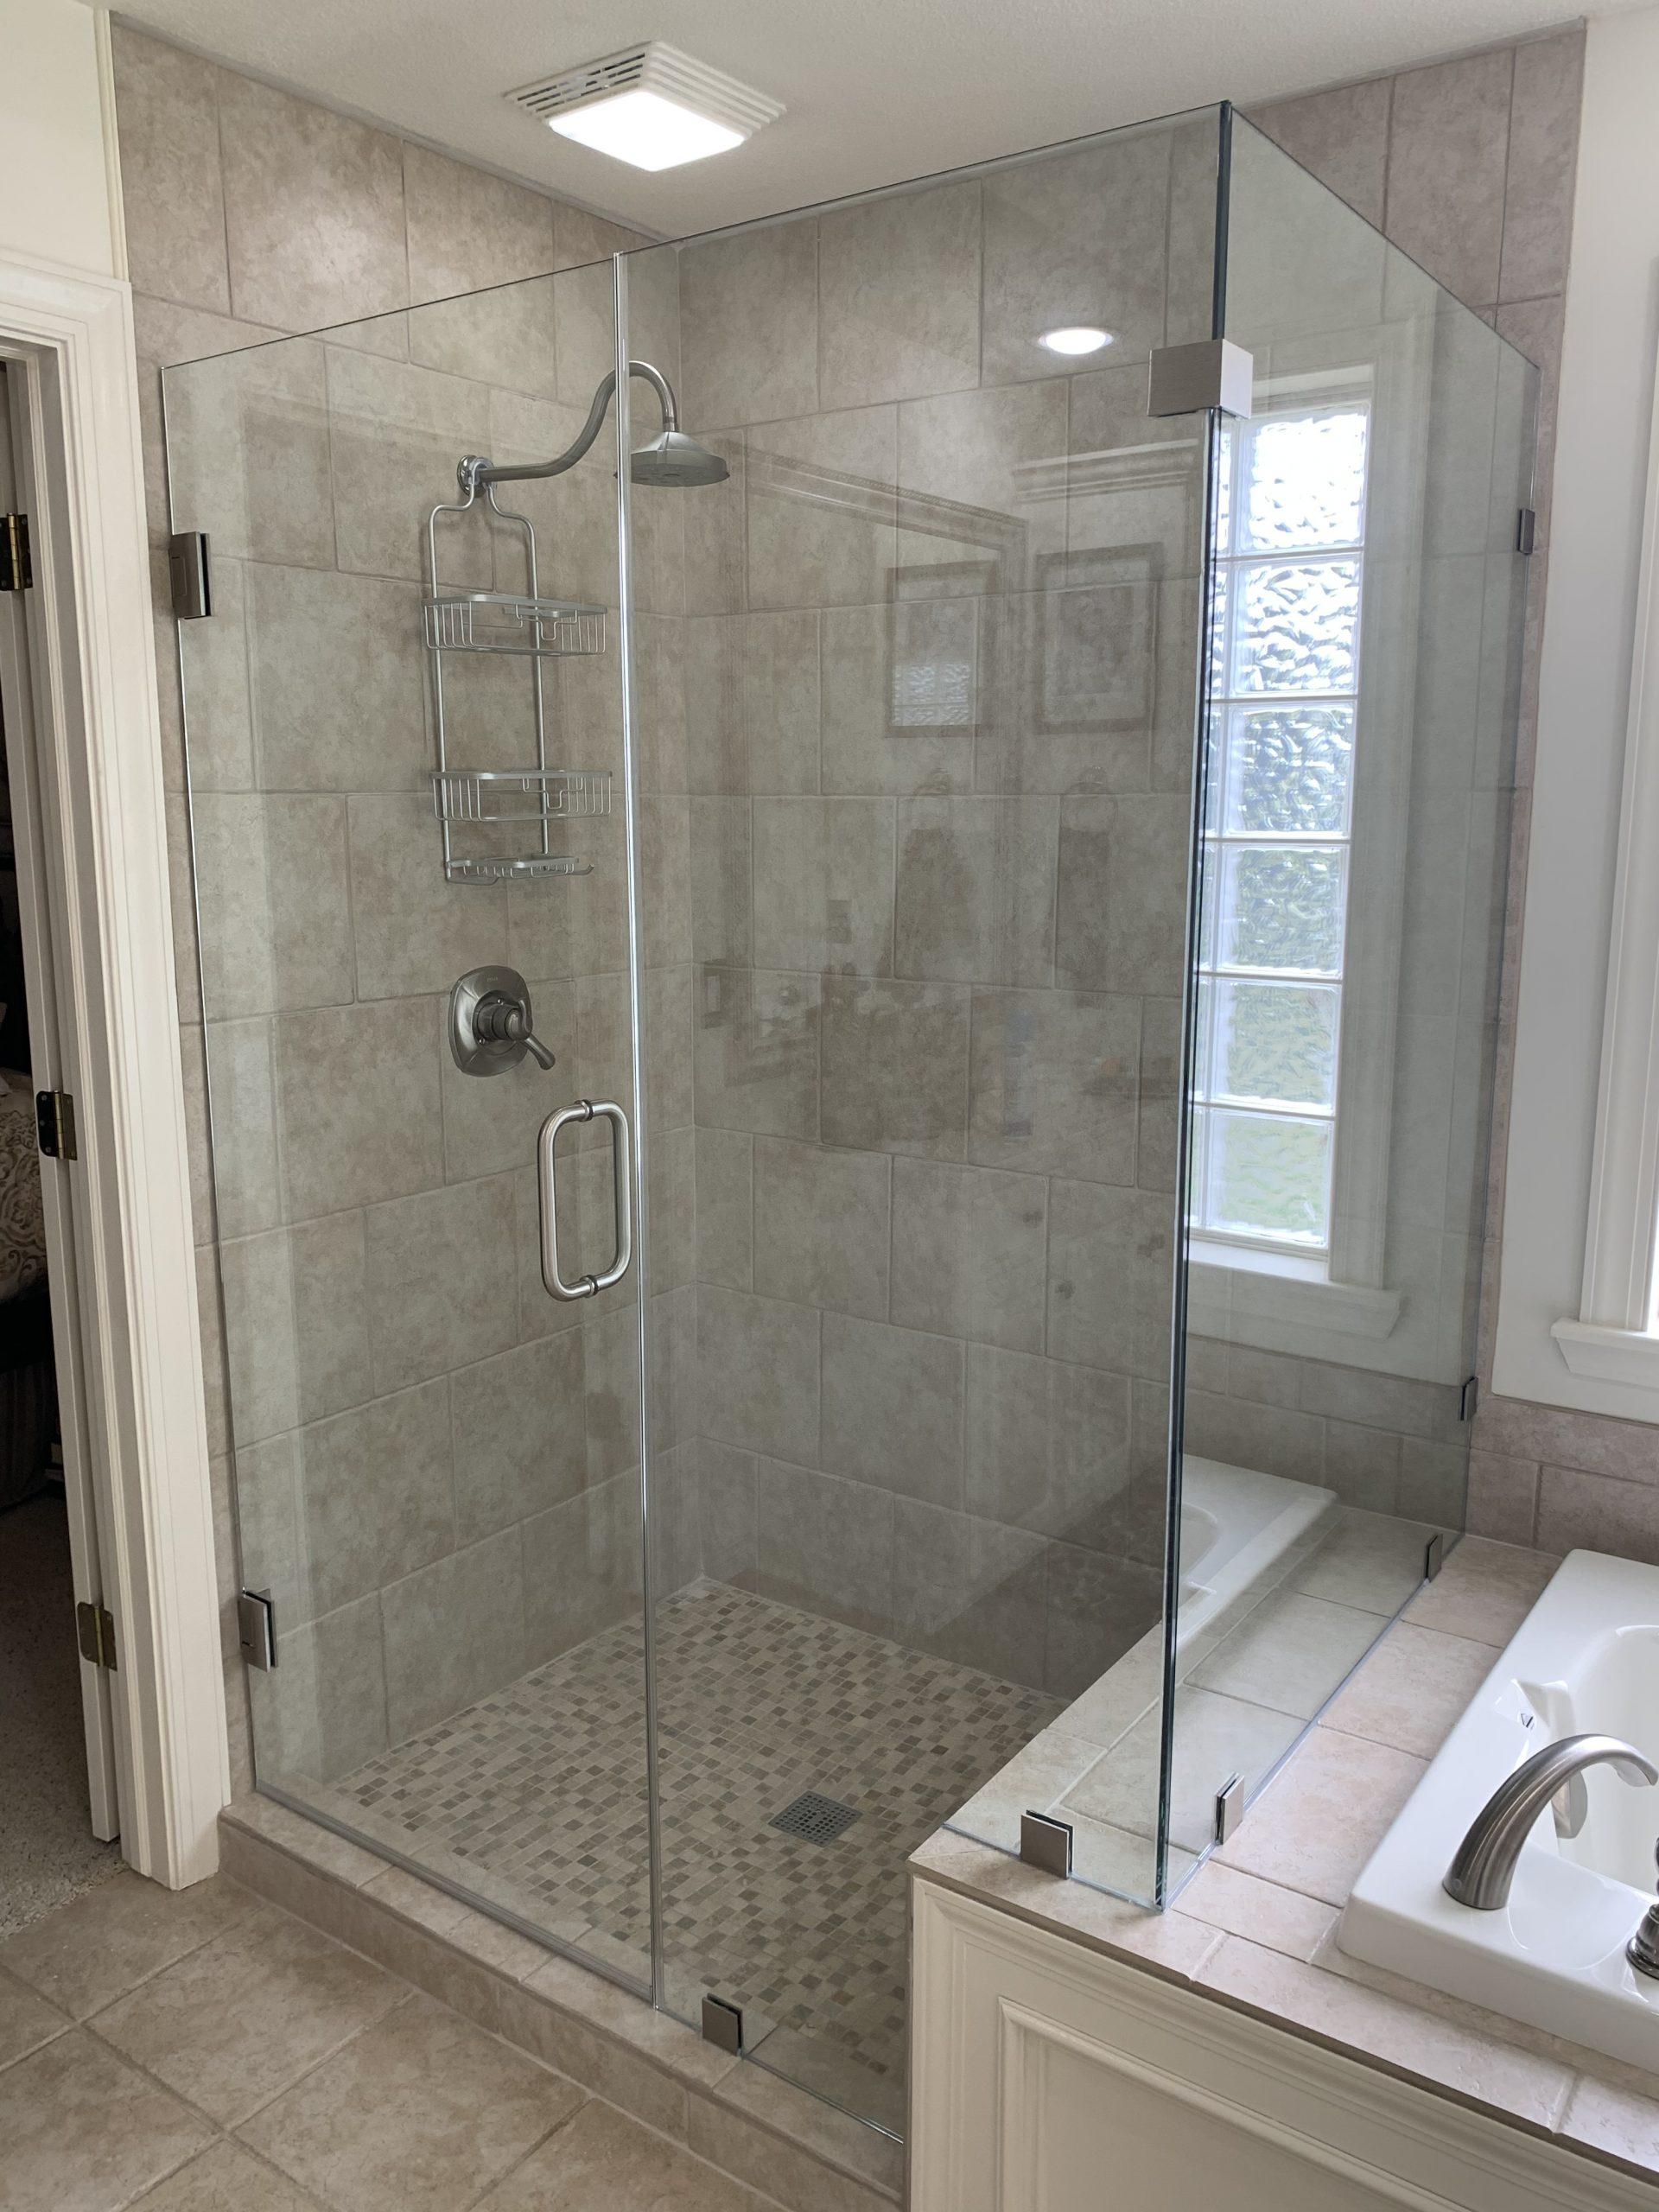 Jordan shower